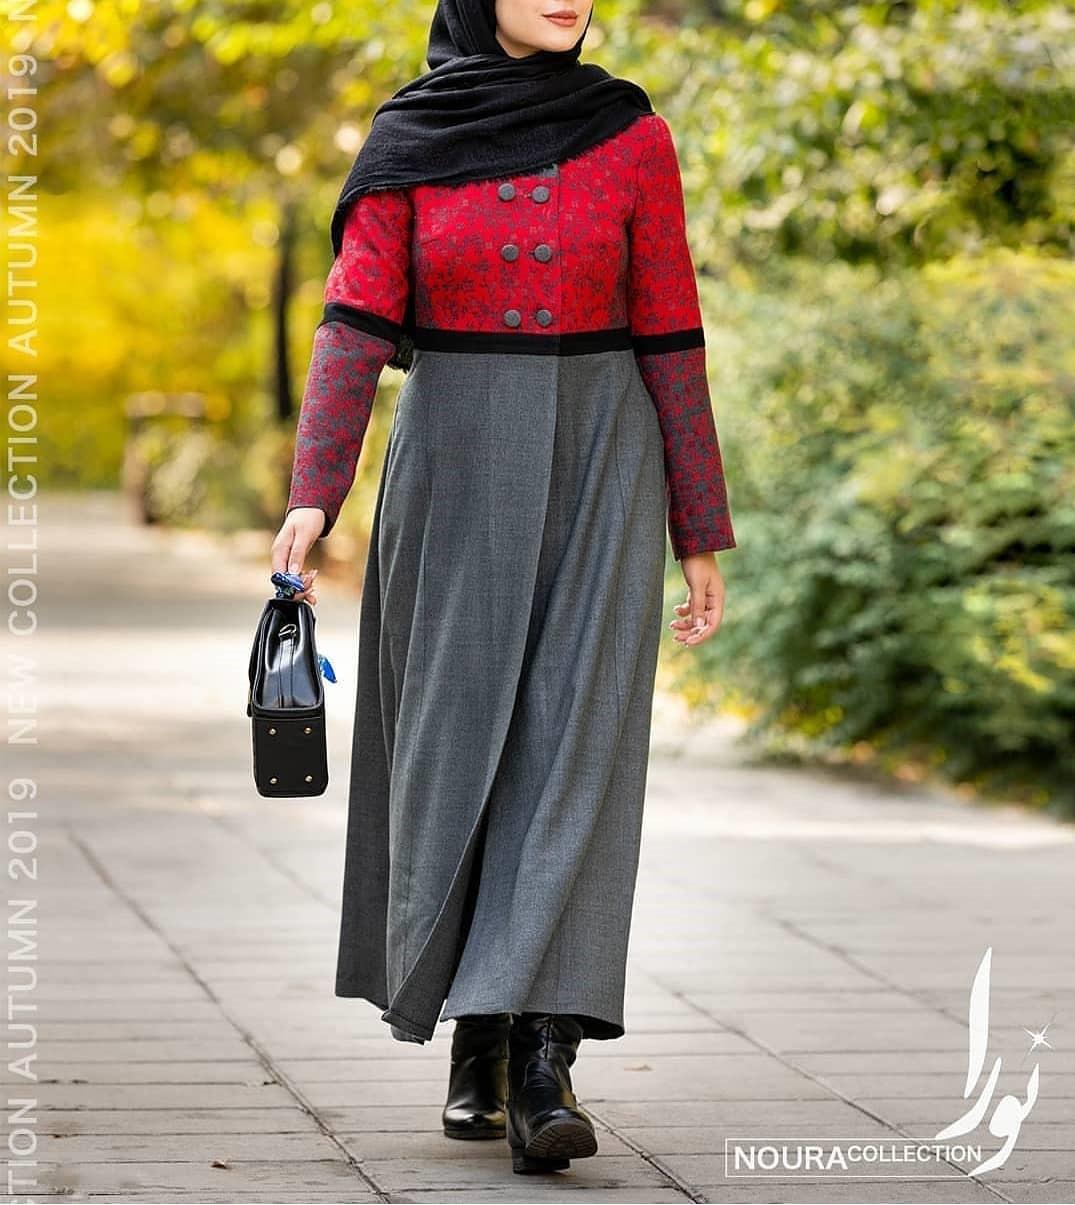 مدل مانتو بلند زنانه زمستانی